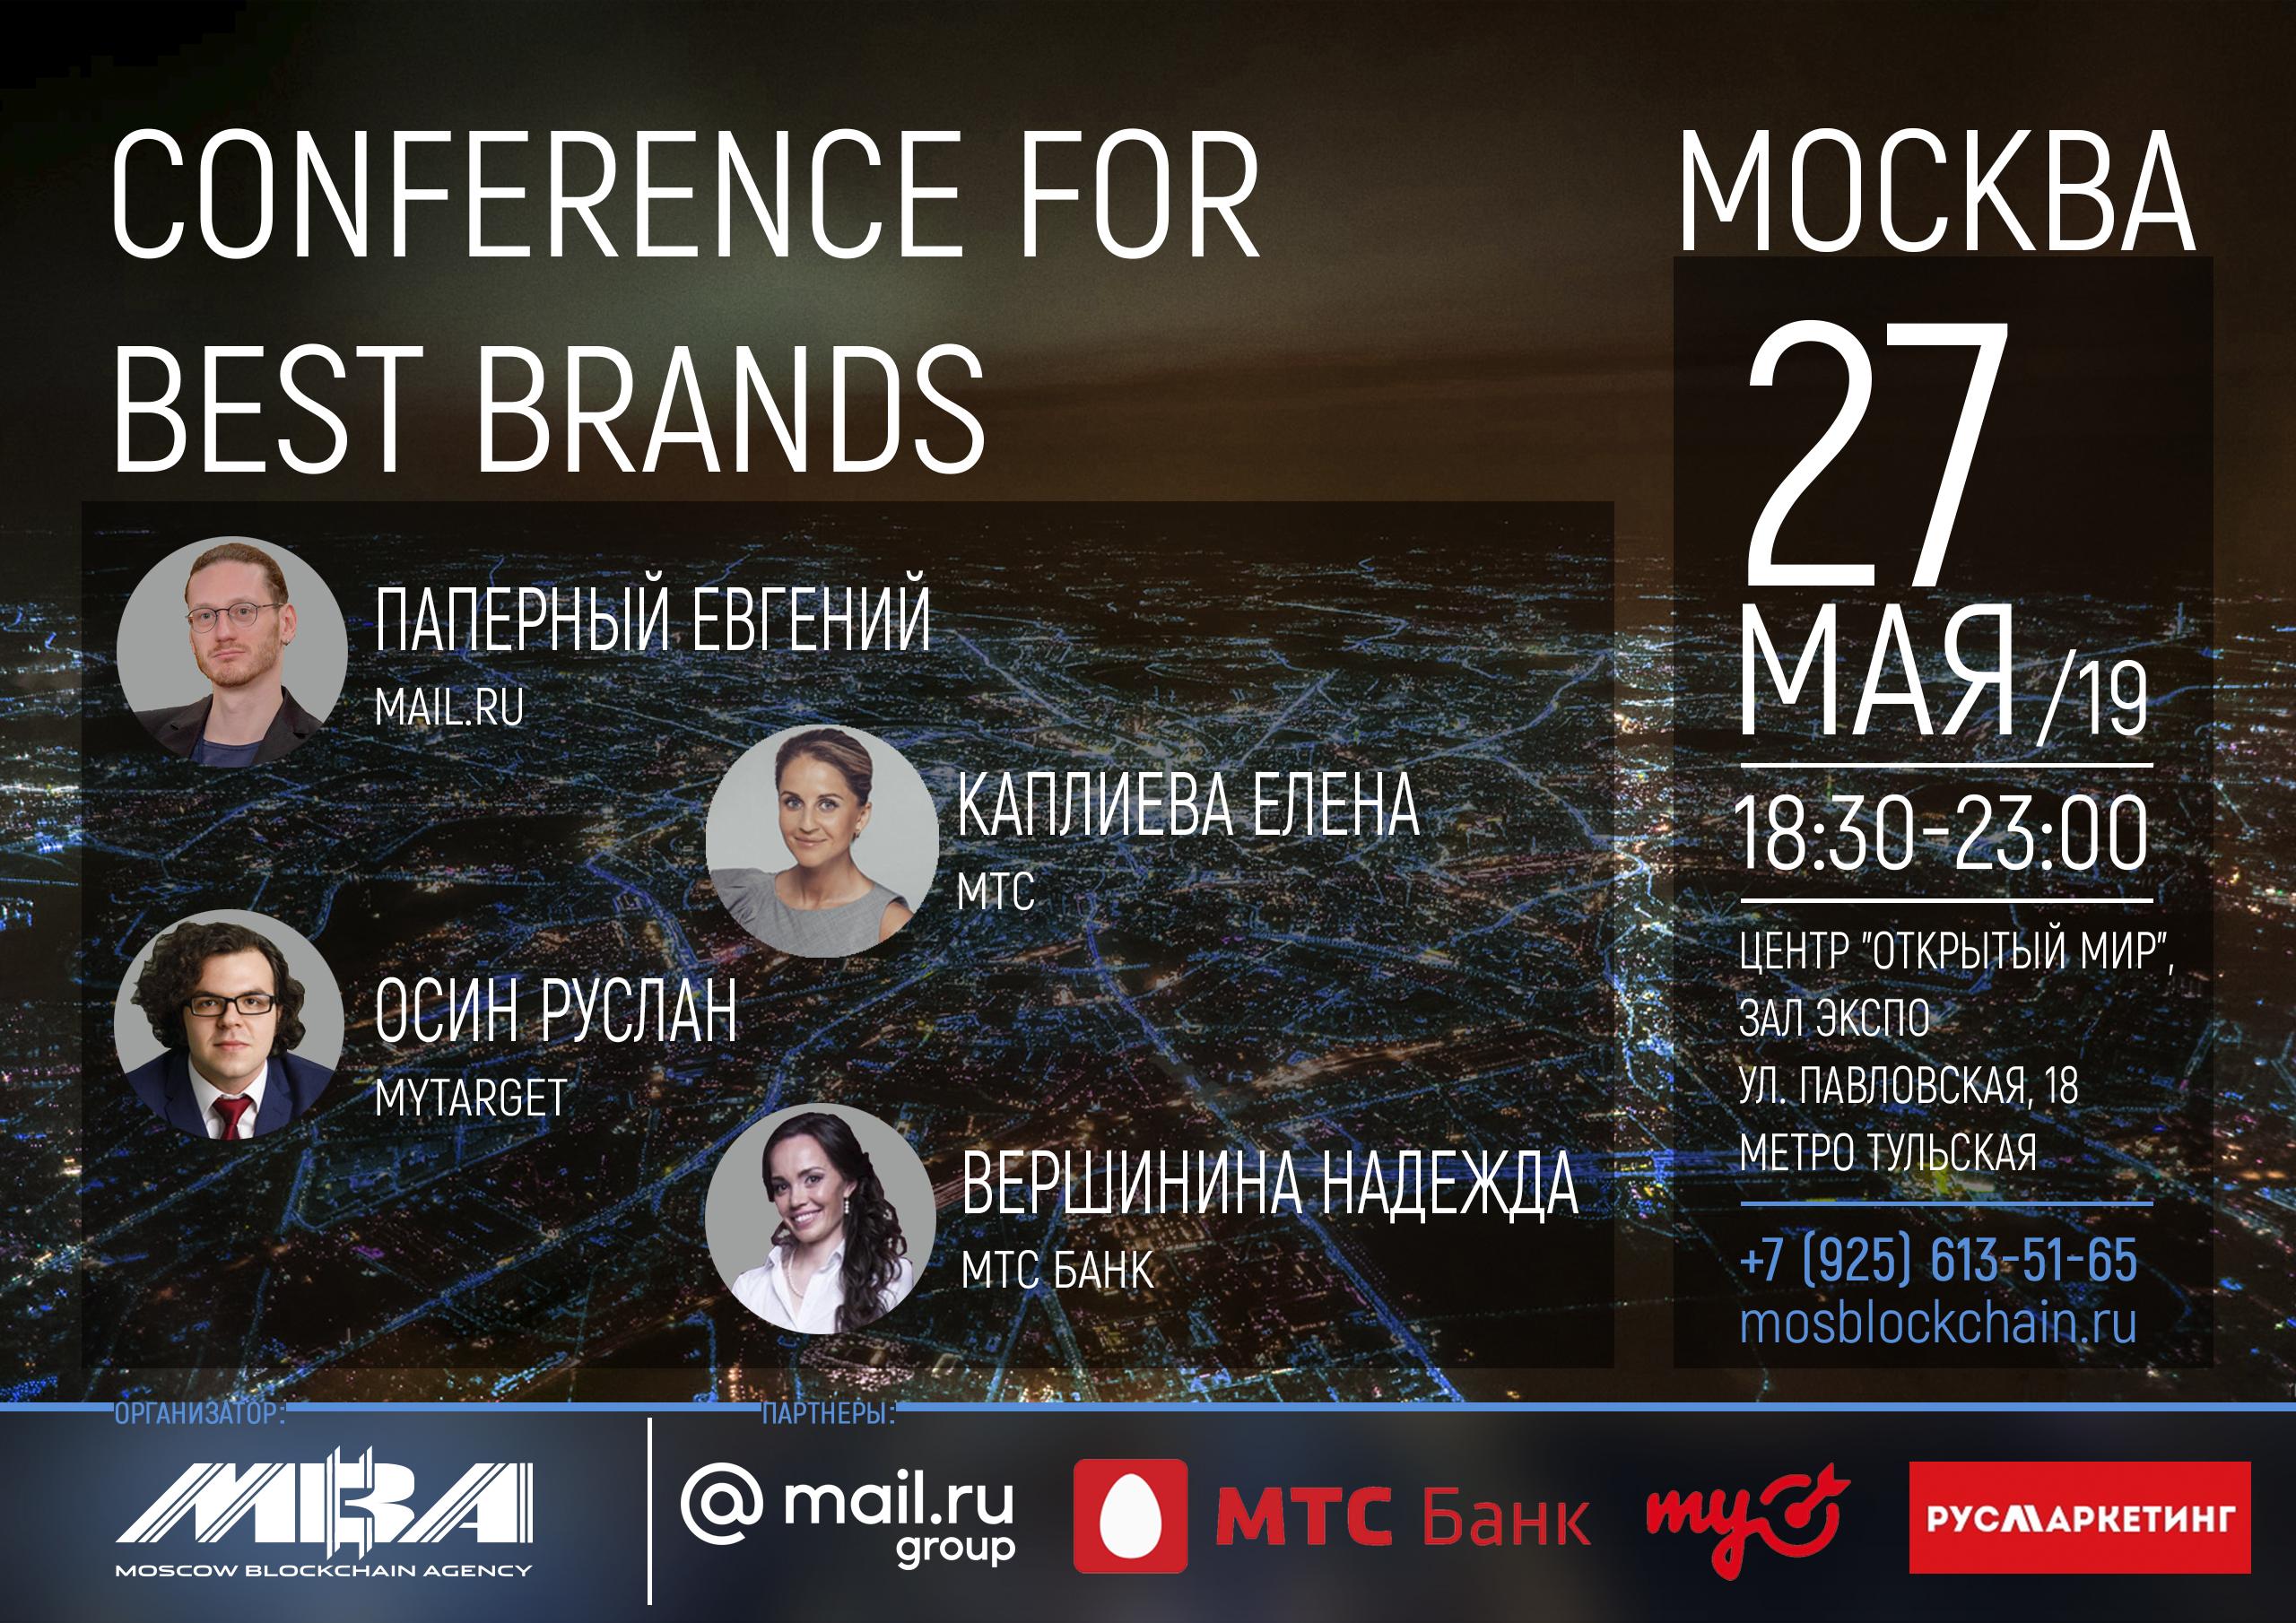 Конференция для онлайн и офлайн ритейла и бизнеса